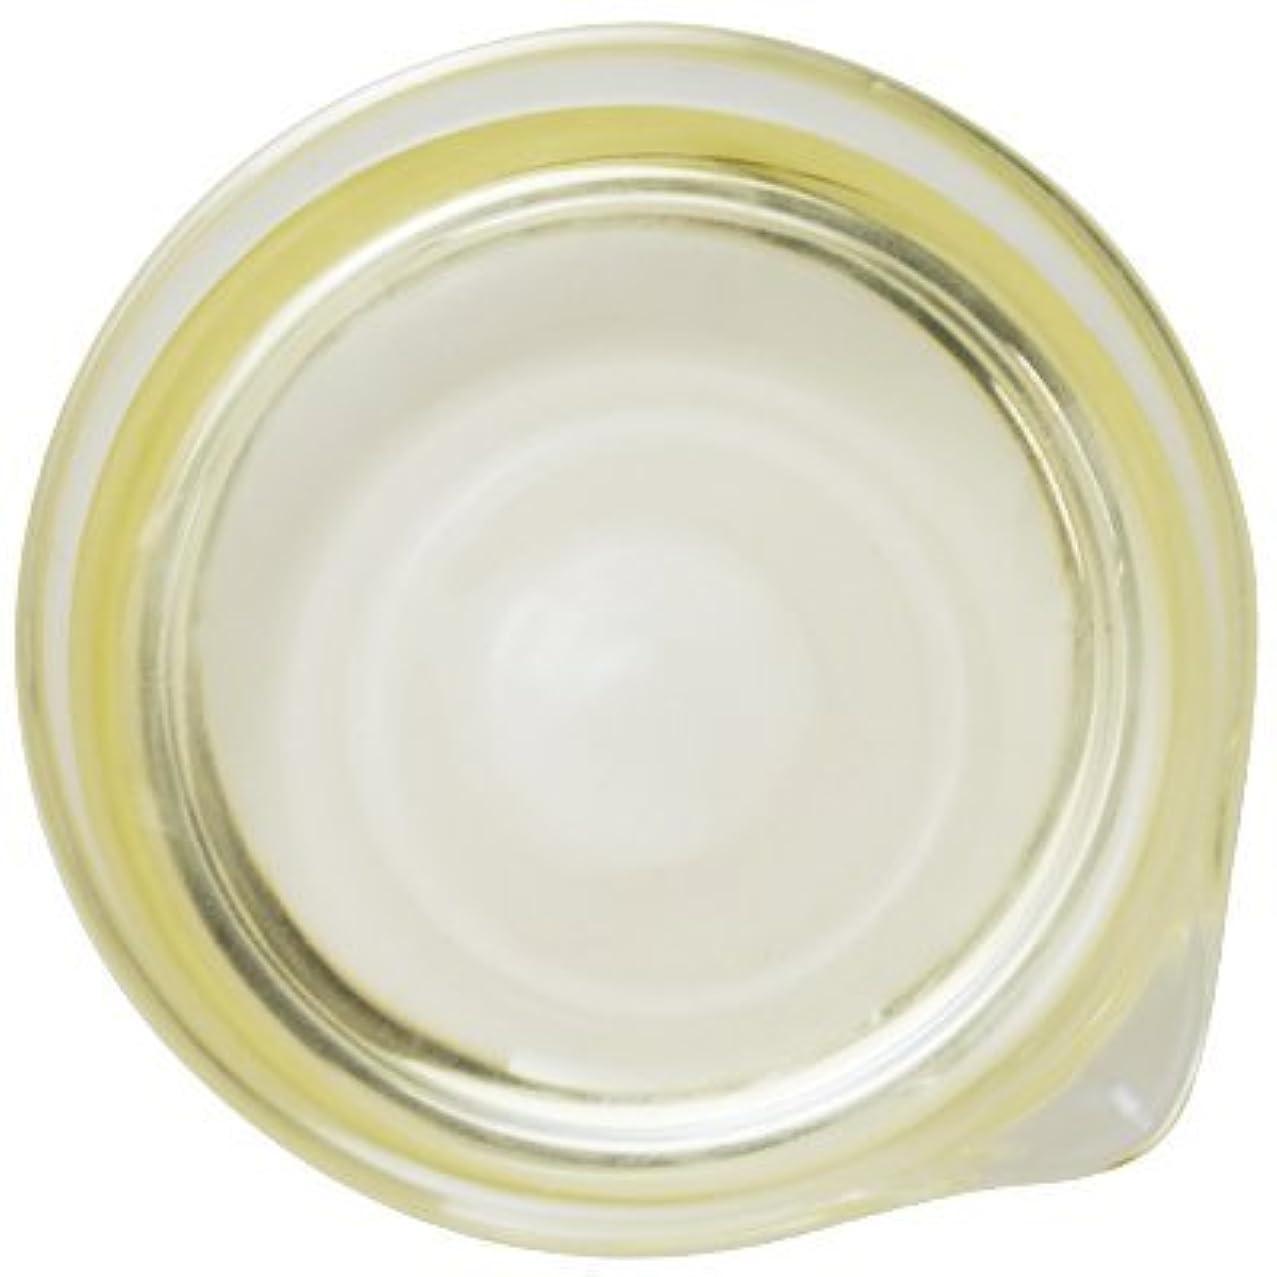 微生物はず一目セサミオイル 50ml [白ごま油]【手作り石鹸/手作りコスメ/ごま油】【birth】